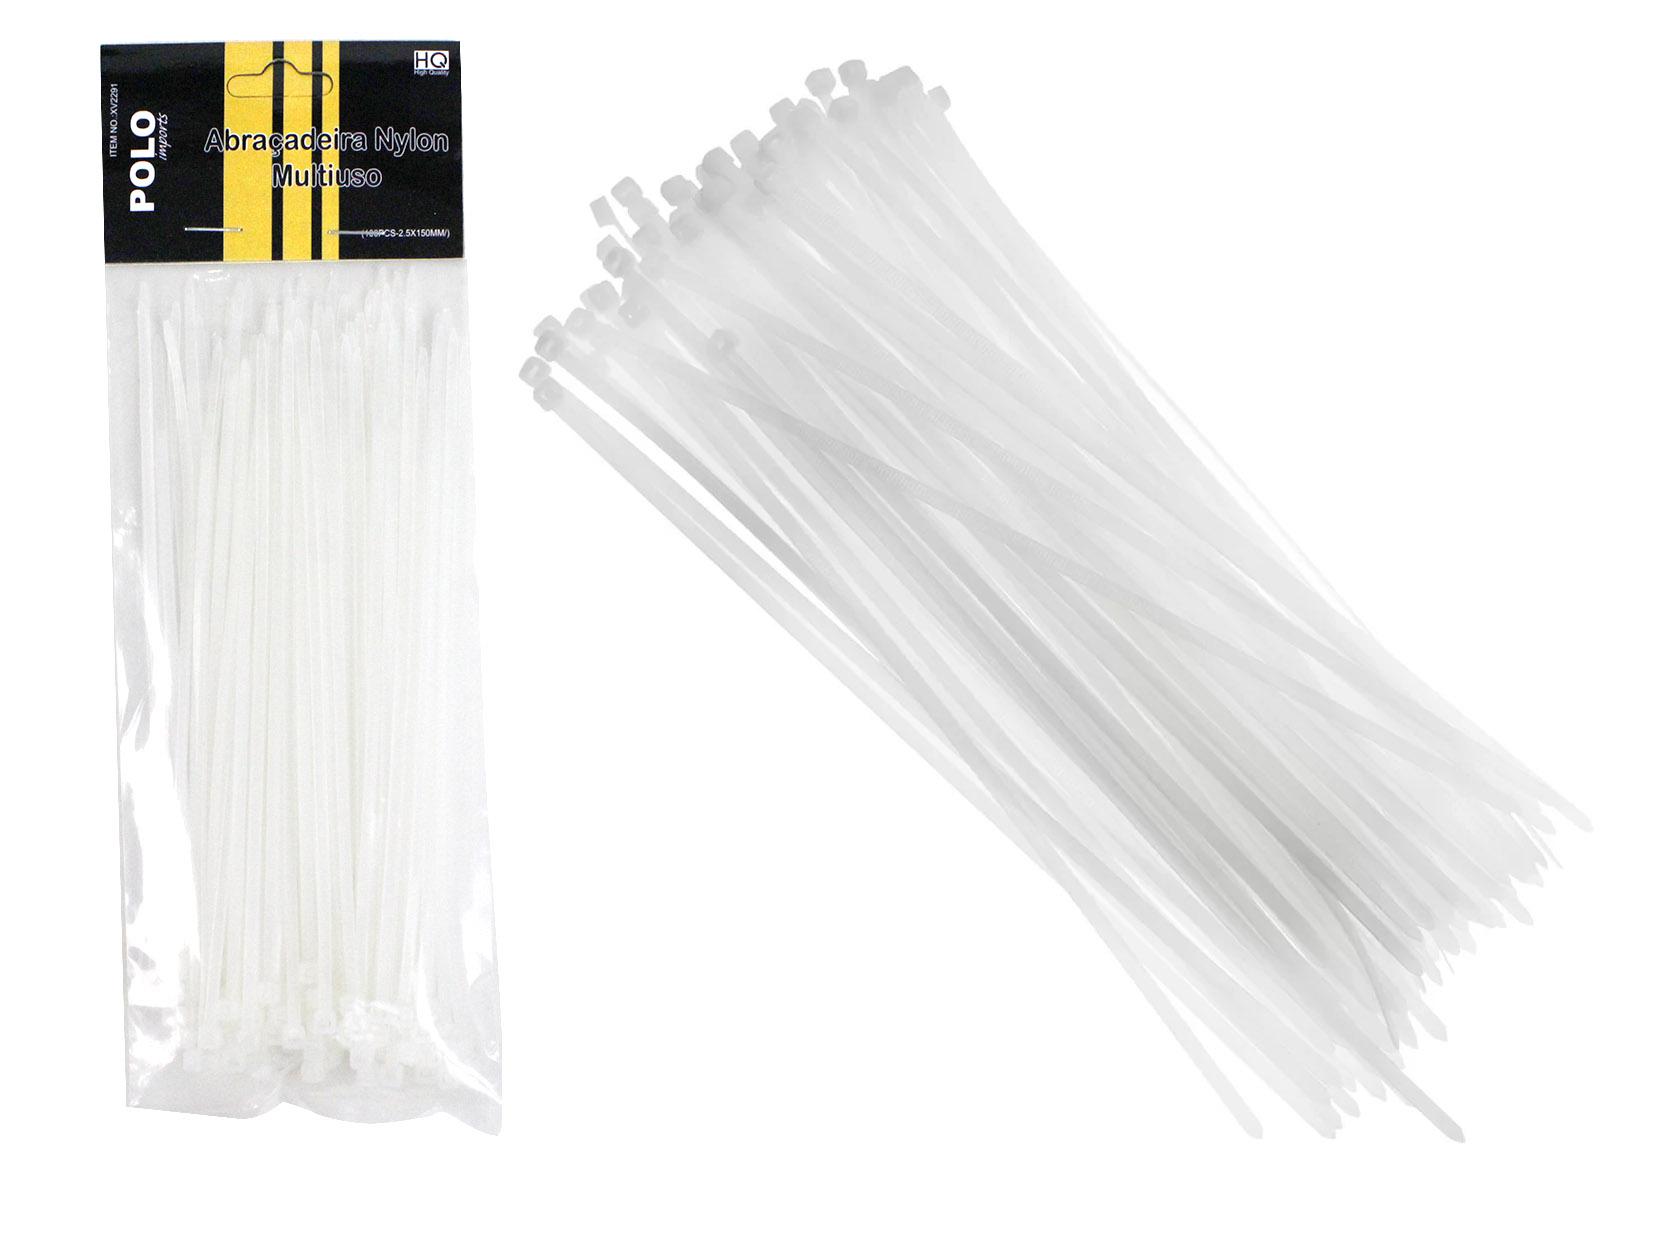 Abraçadeira de Nylon Polo Enforca Gato XV2291 (2,5 x 15cm) - 100 Peças